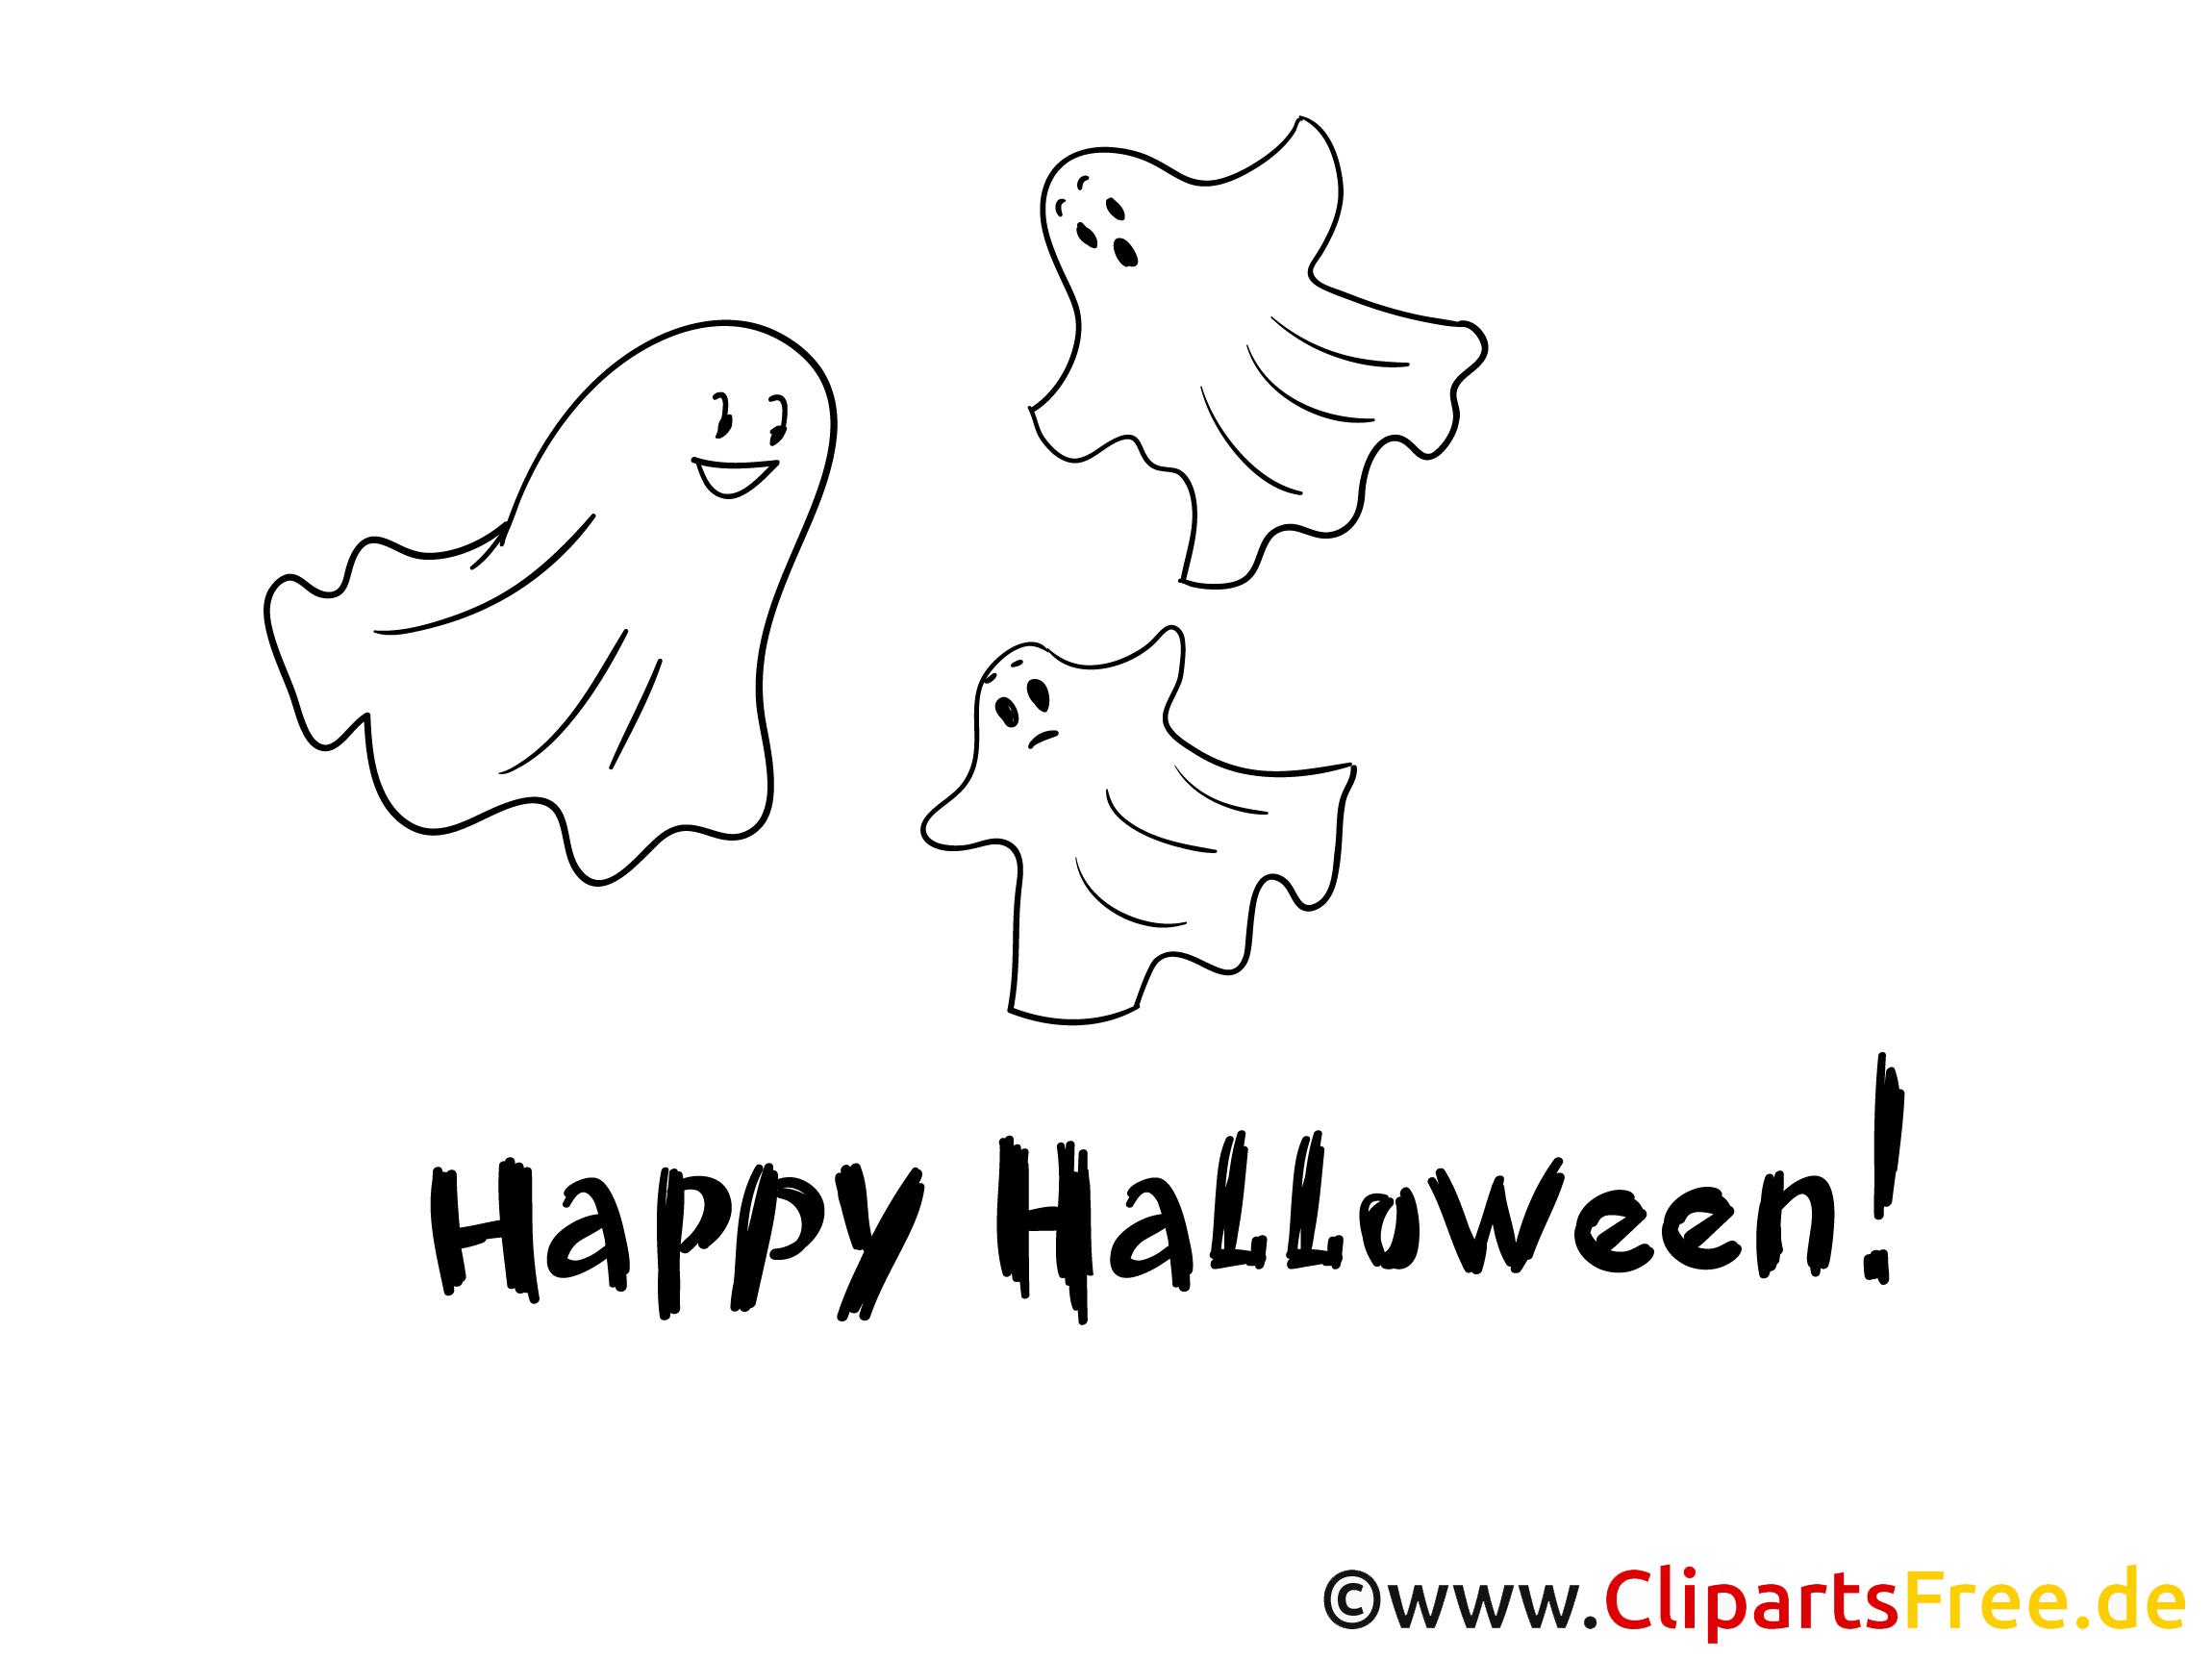 Einfaches Ausmalbild für kleine Kinder zu Halloween